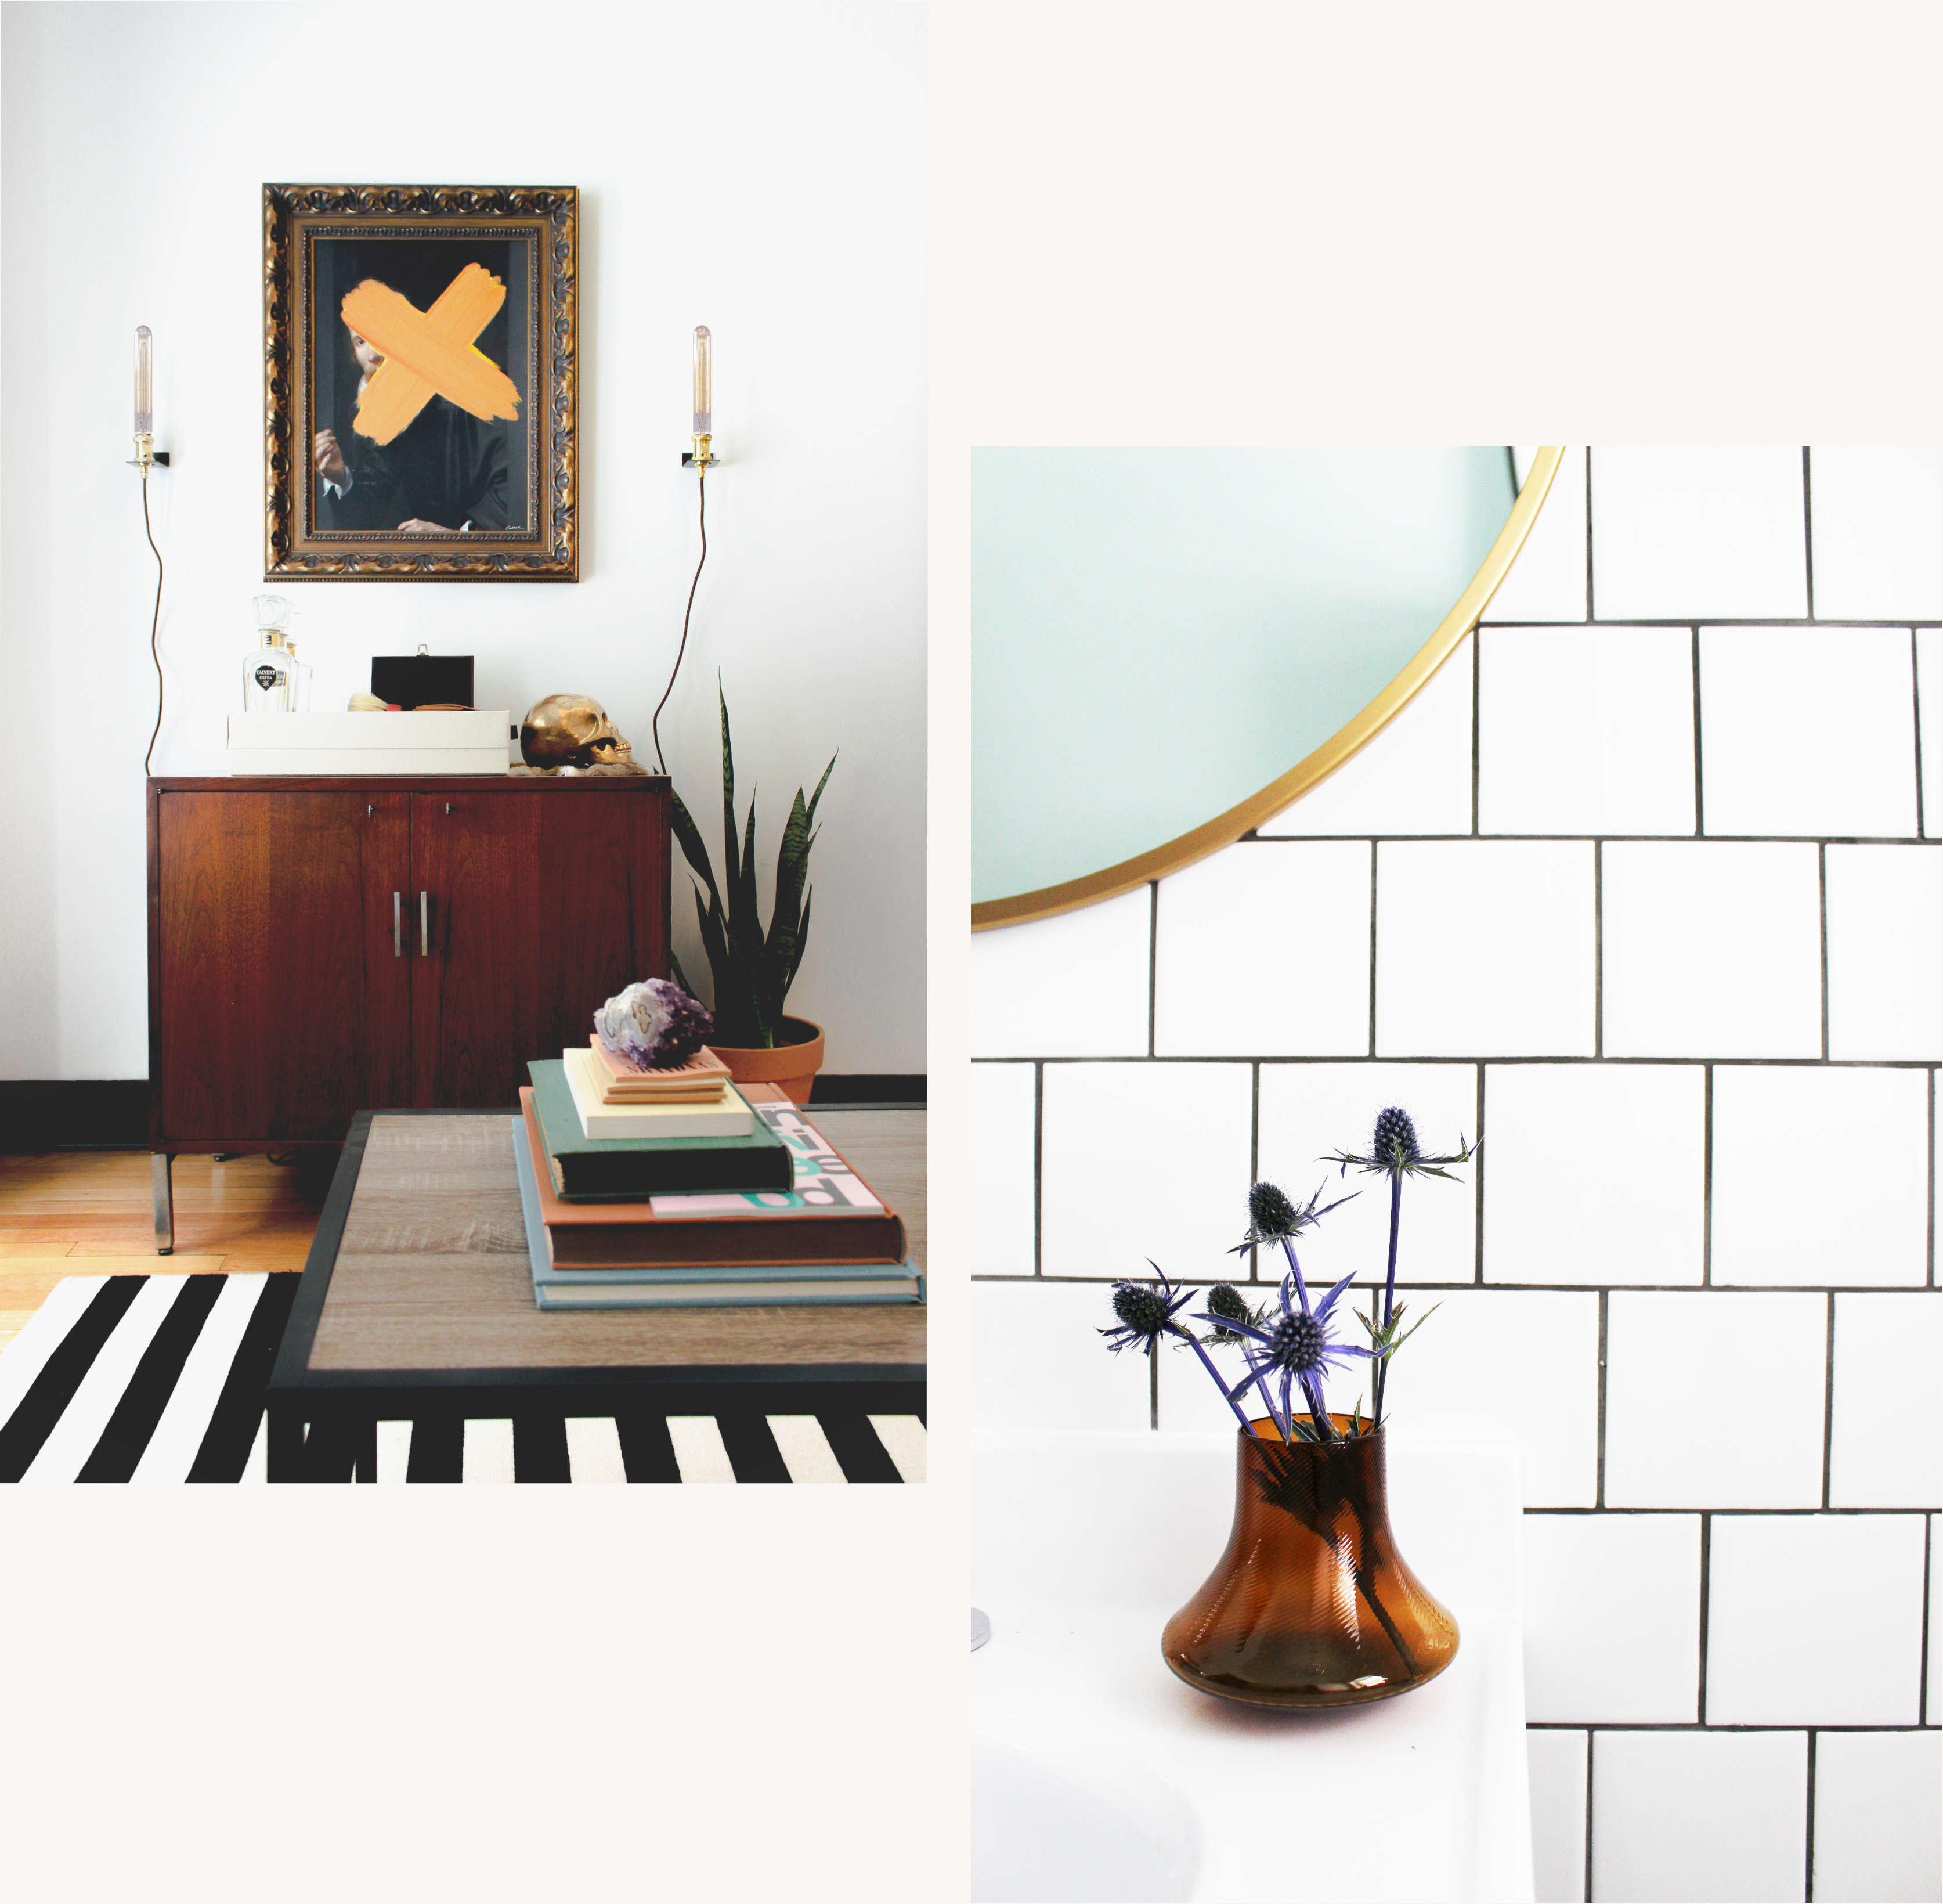 Collage of Avenir interior designs